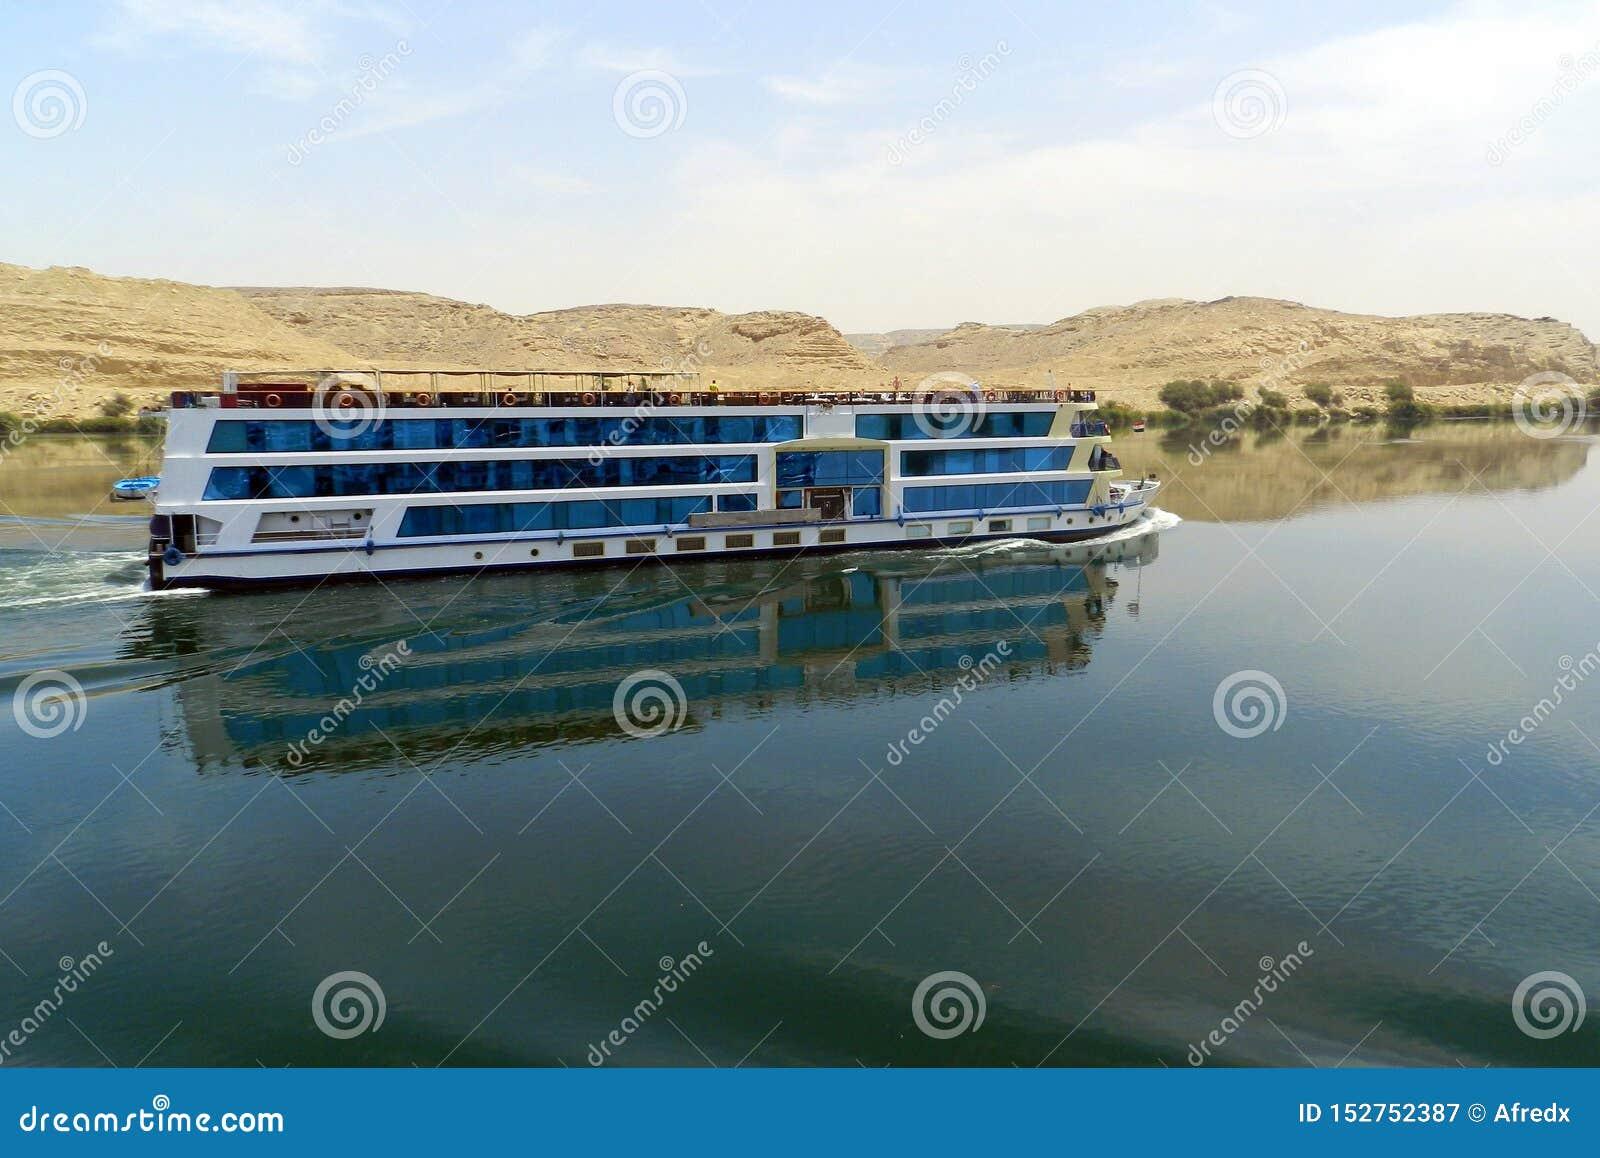 Schiff auf dem Nil, Ägypten